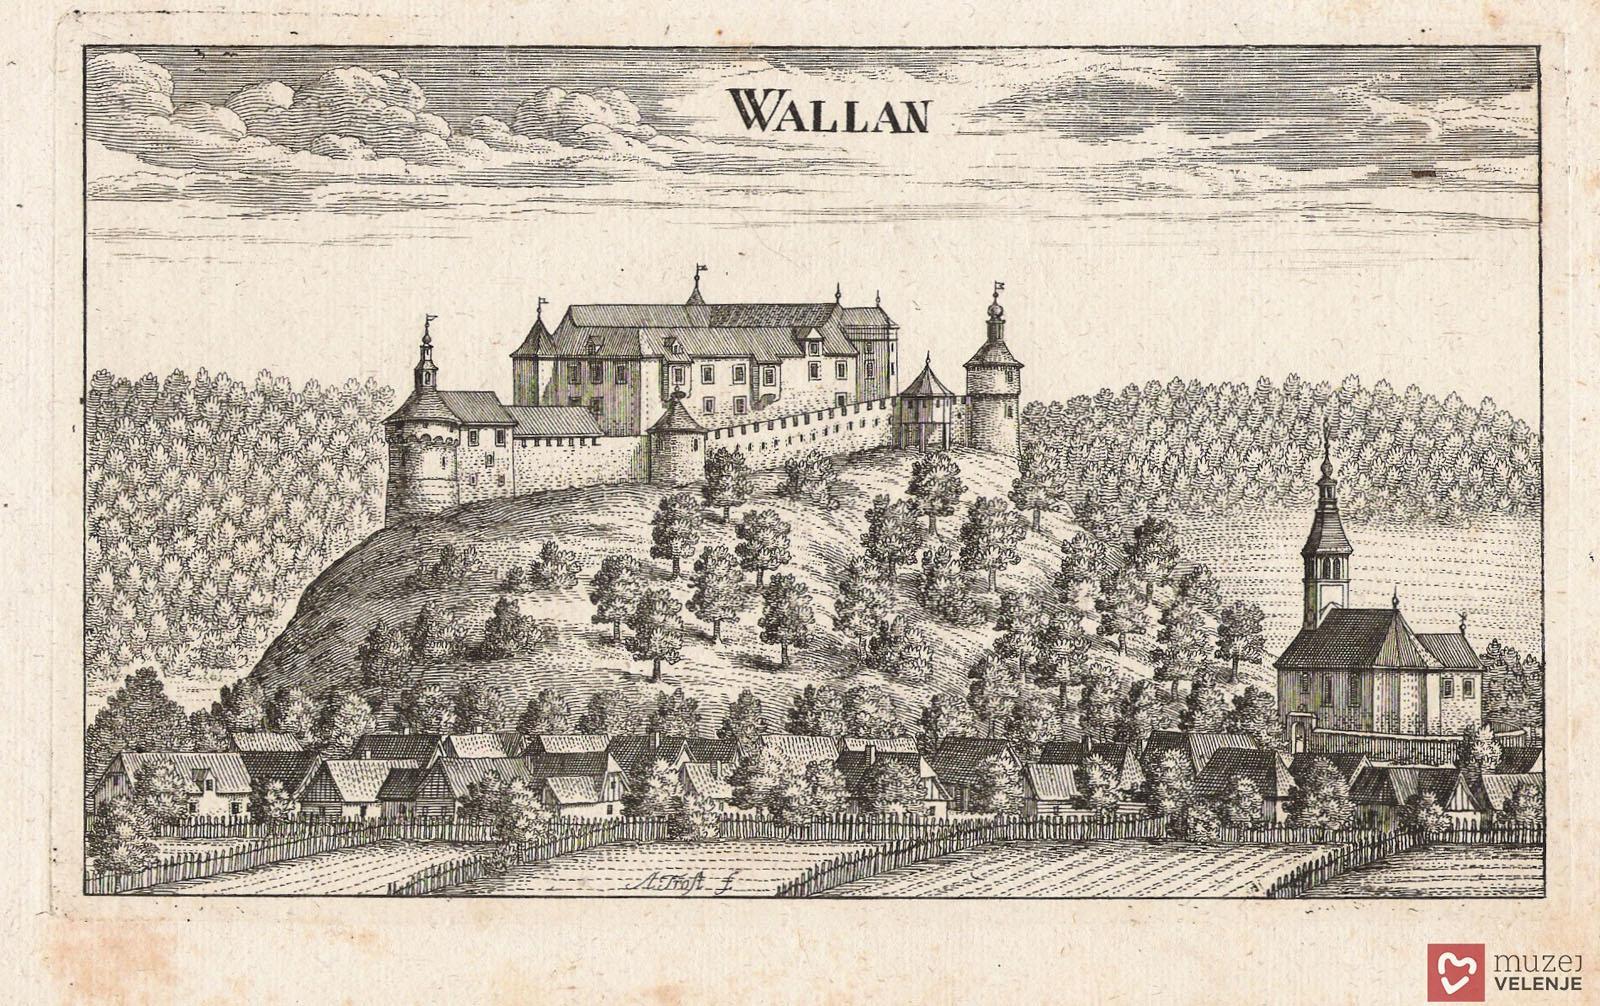 Muzejski odmevi: O gradu, starem več kot 750 let